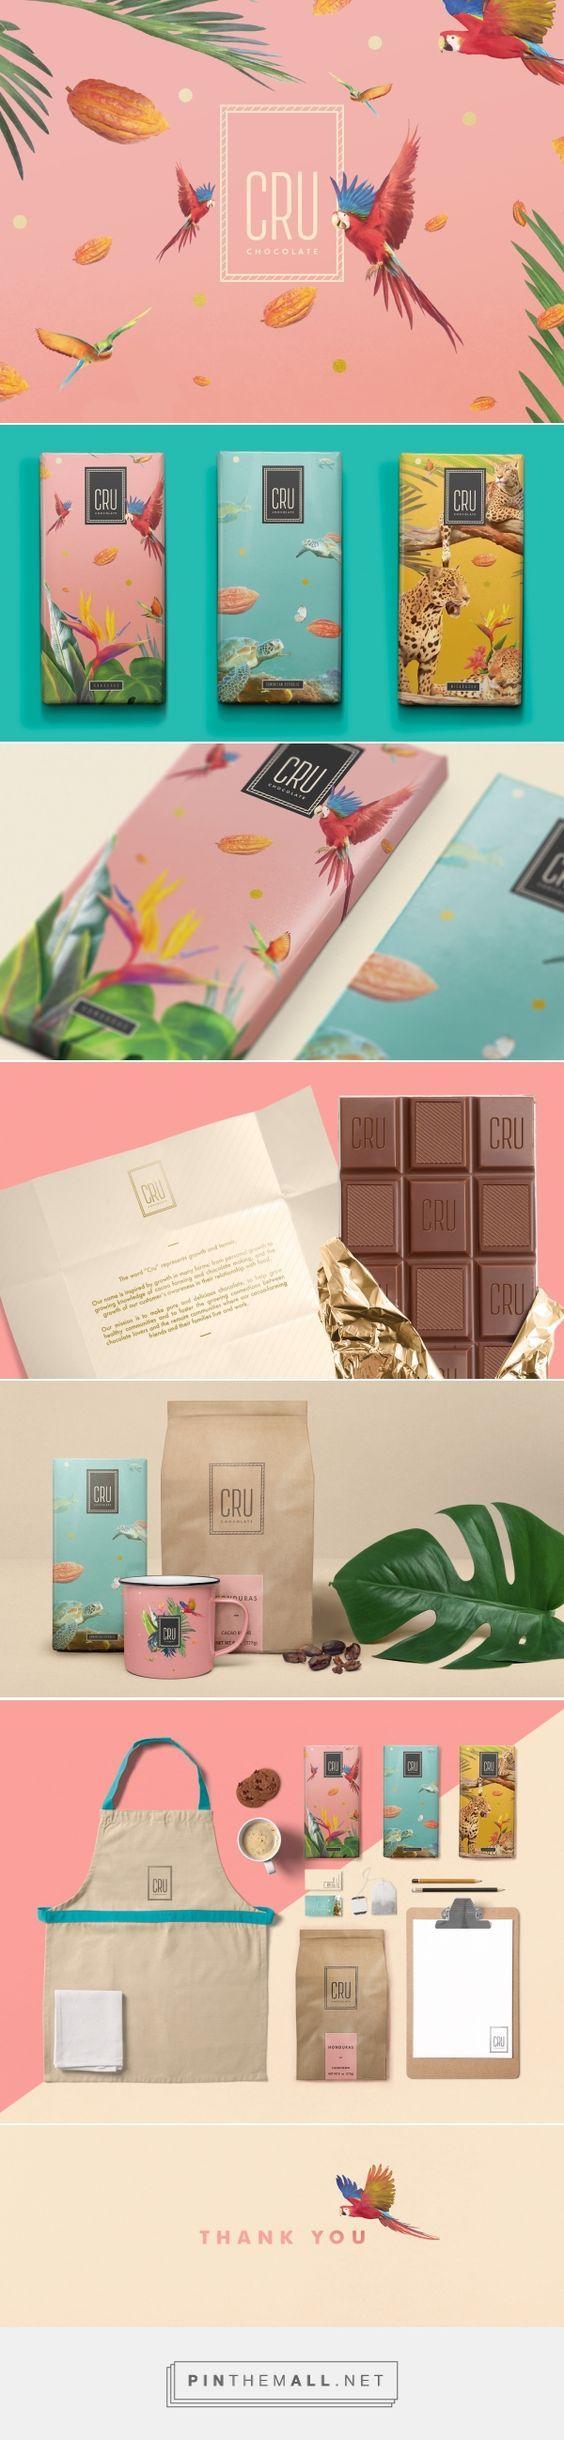 Cru Chocolate